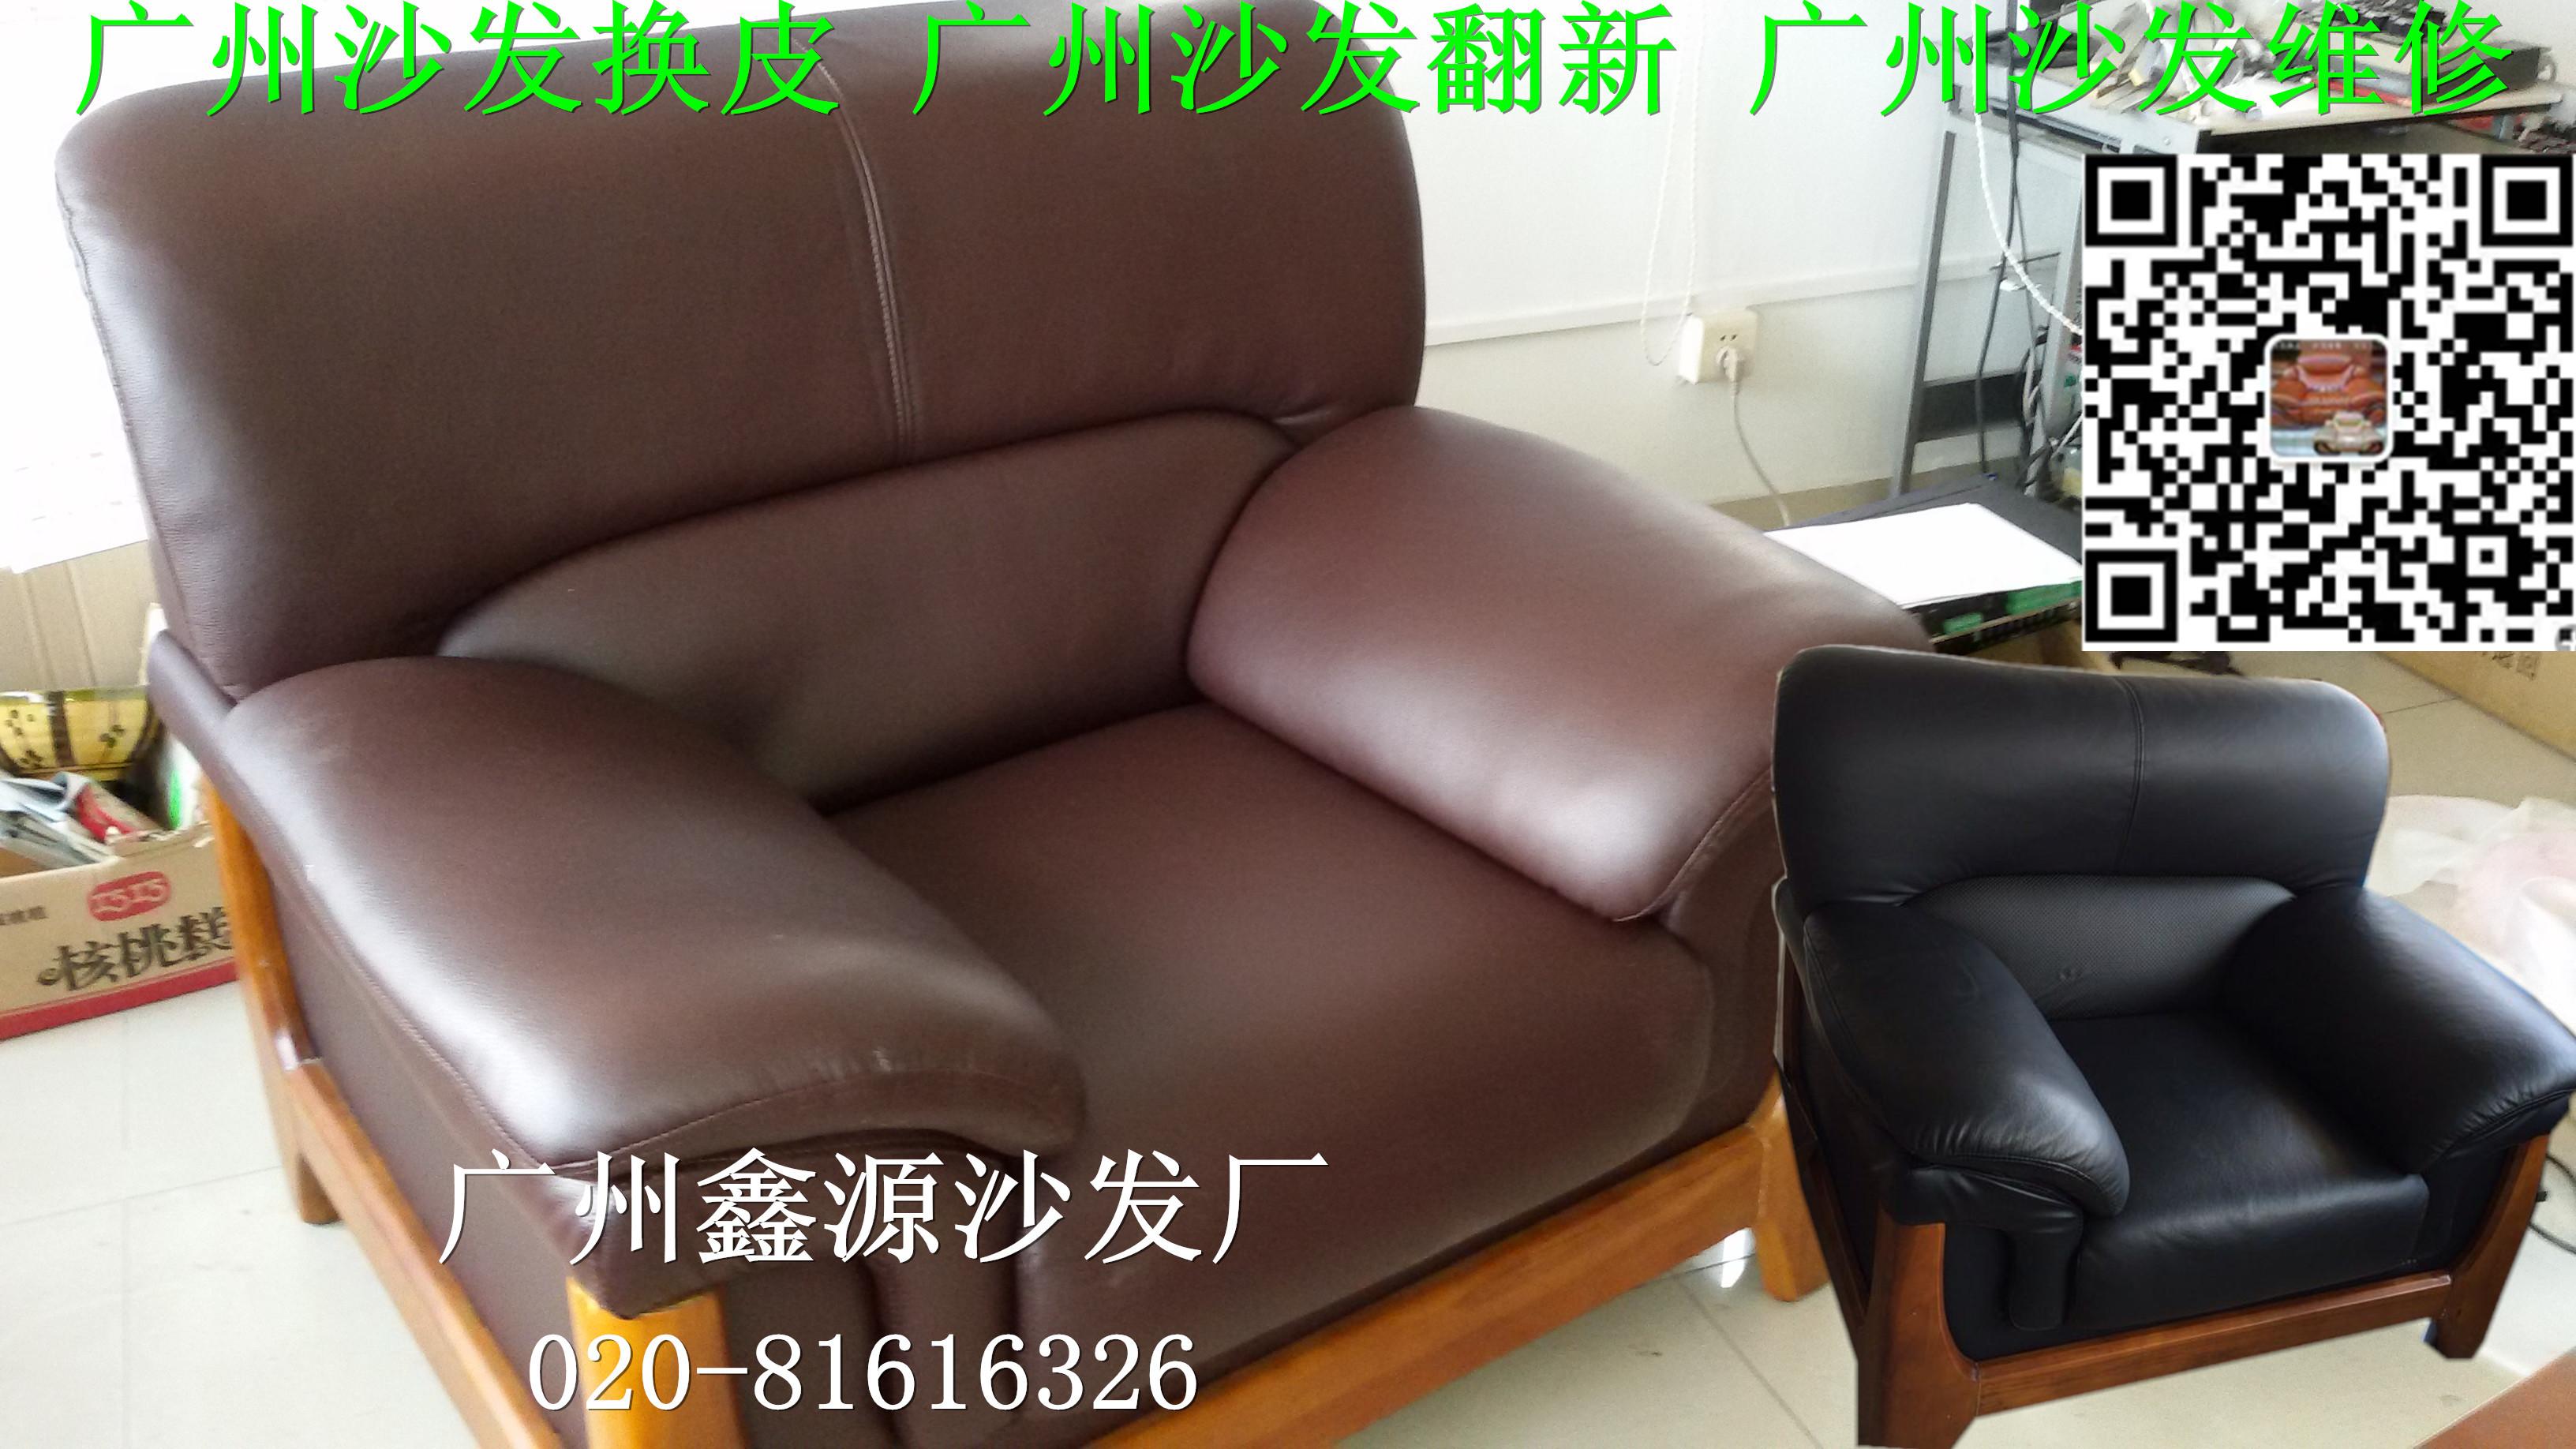 广州沙发翻新,换皮,维修